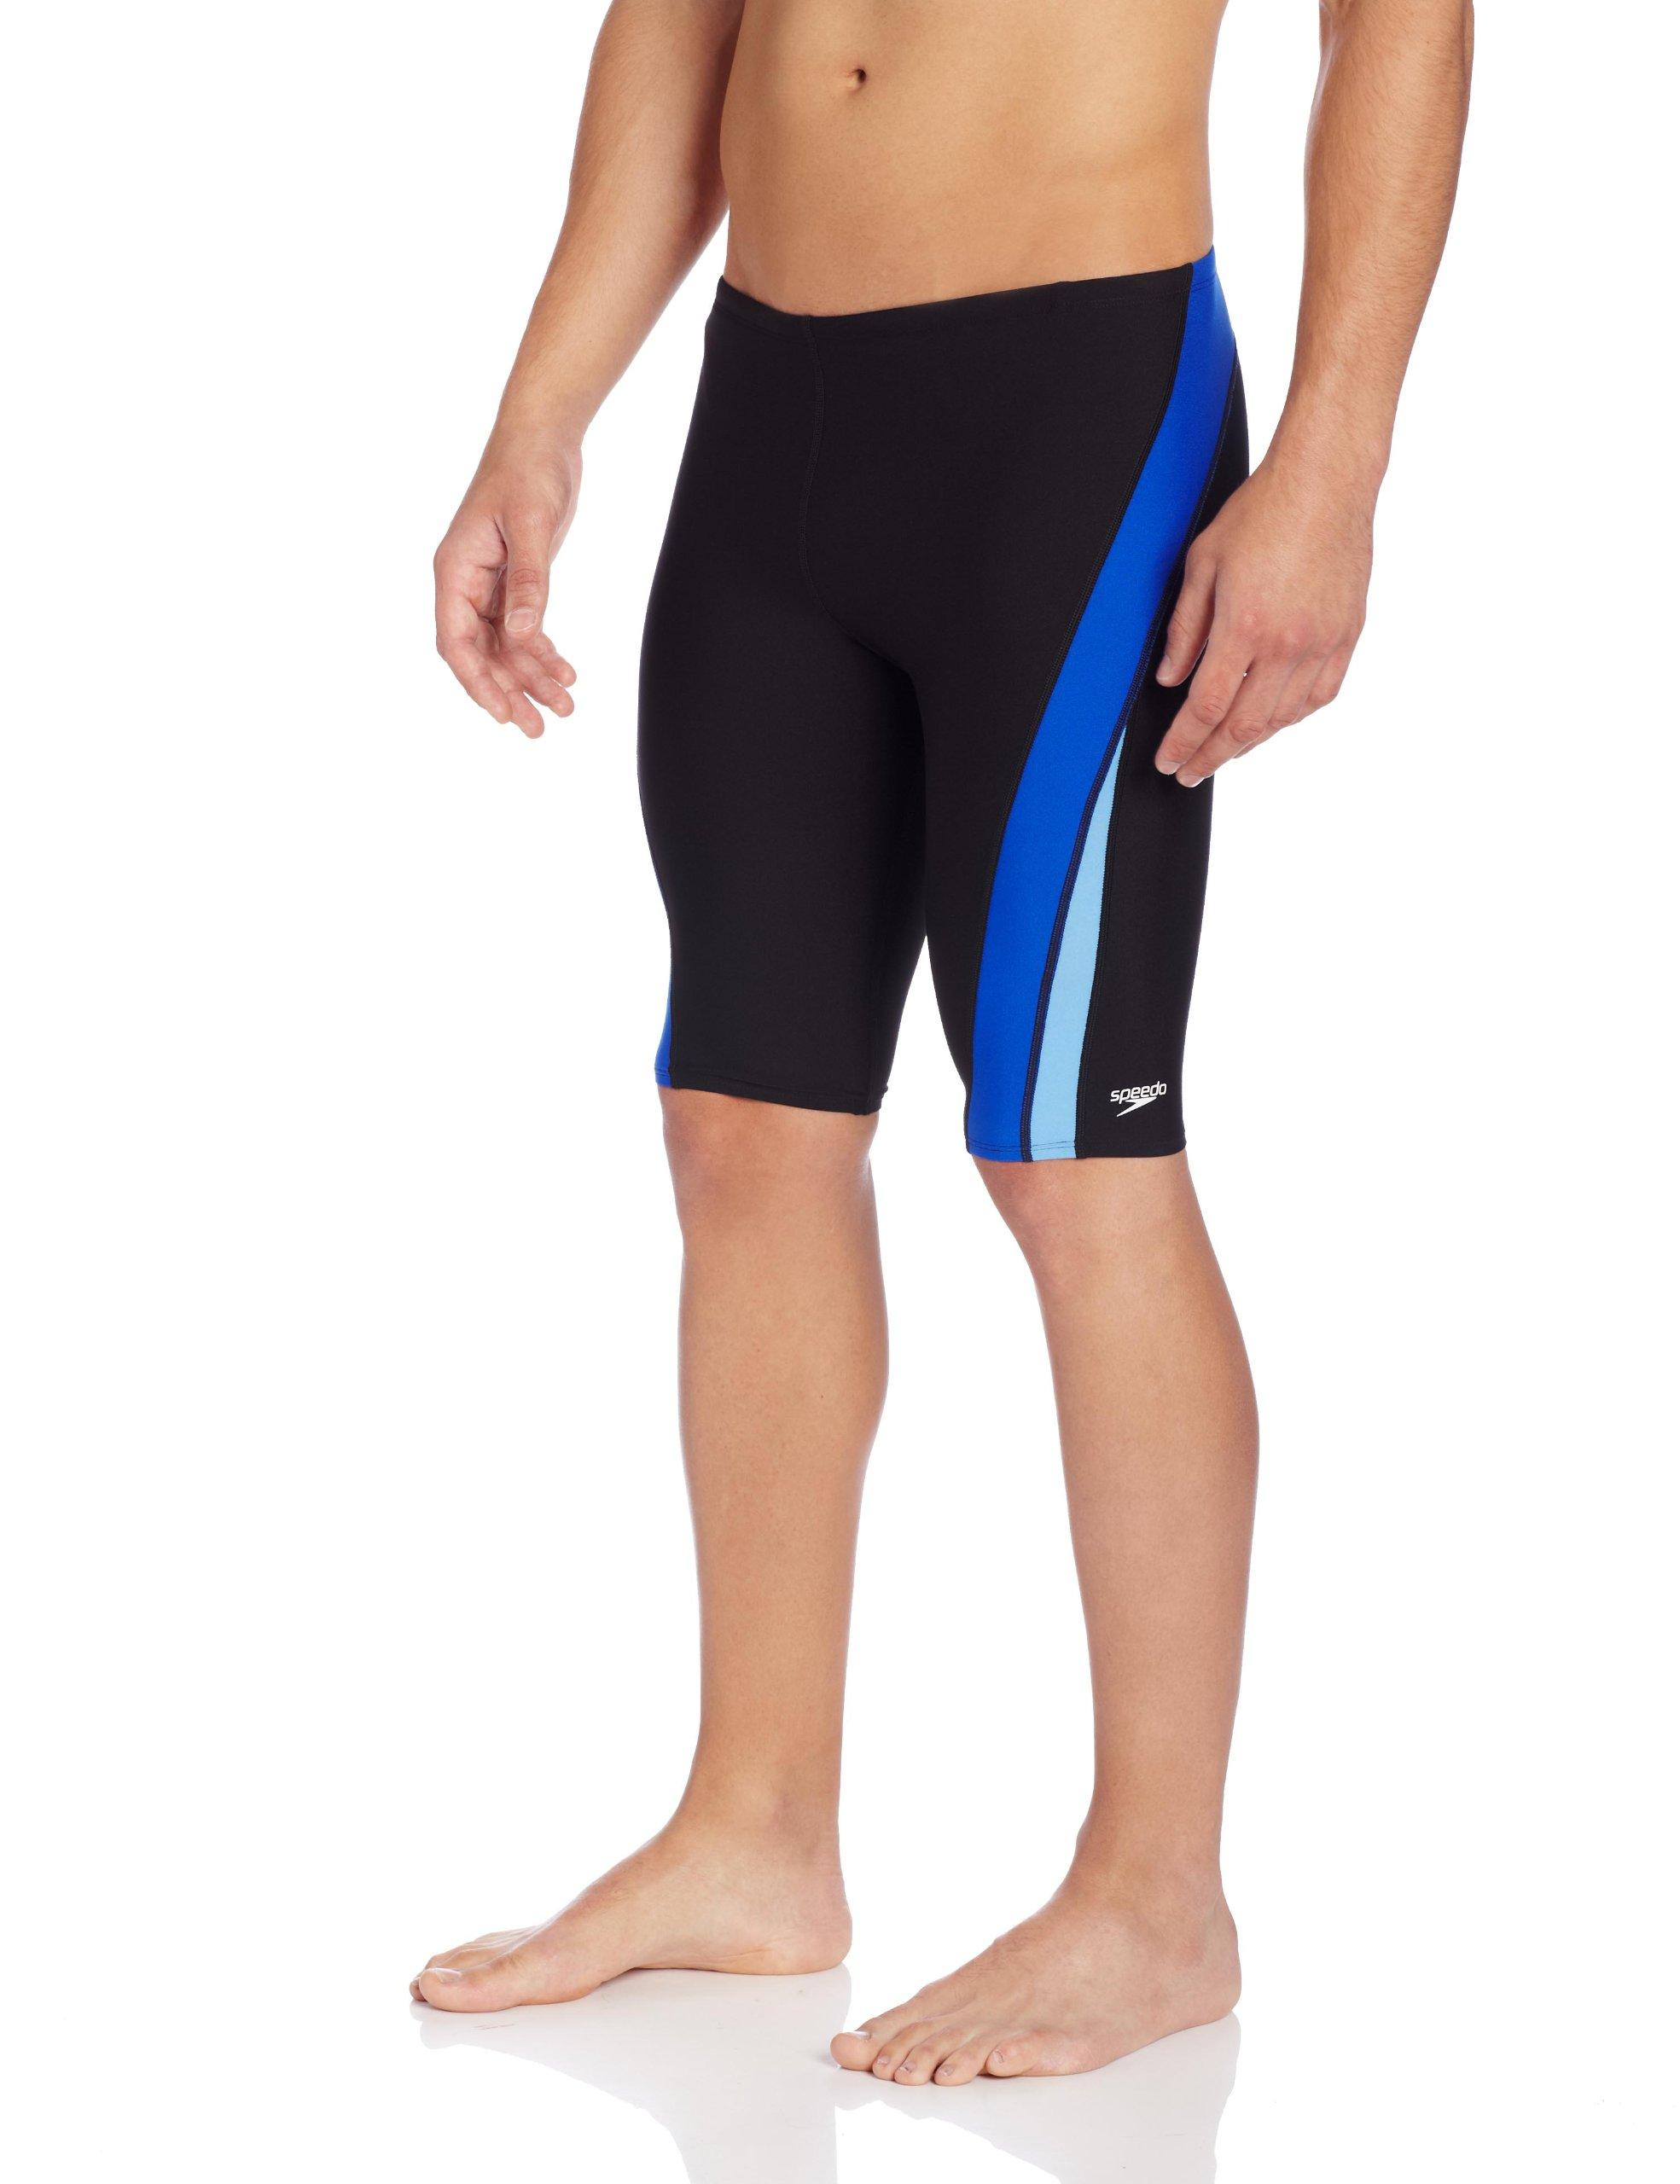 Speedo Men's Endurance+ Launch Splice Jammer Swimsuit, Black/Blue, 32